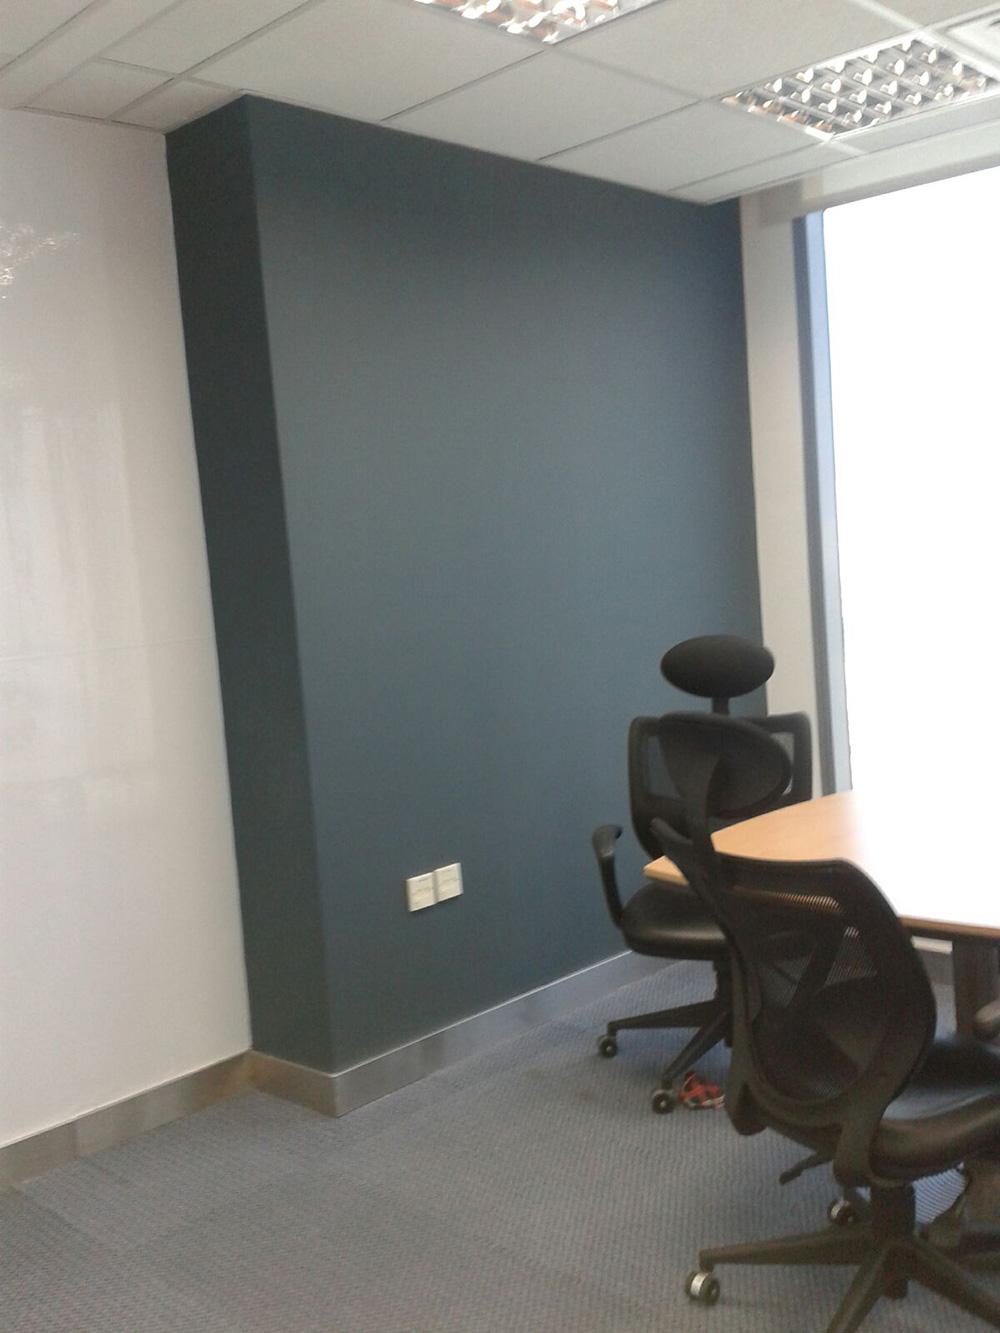 gdg_technical_services_dubai_paint_works_5